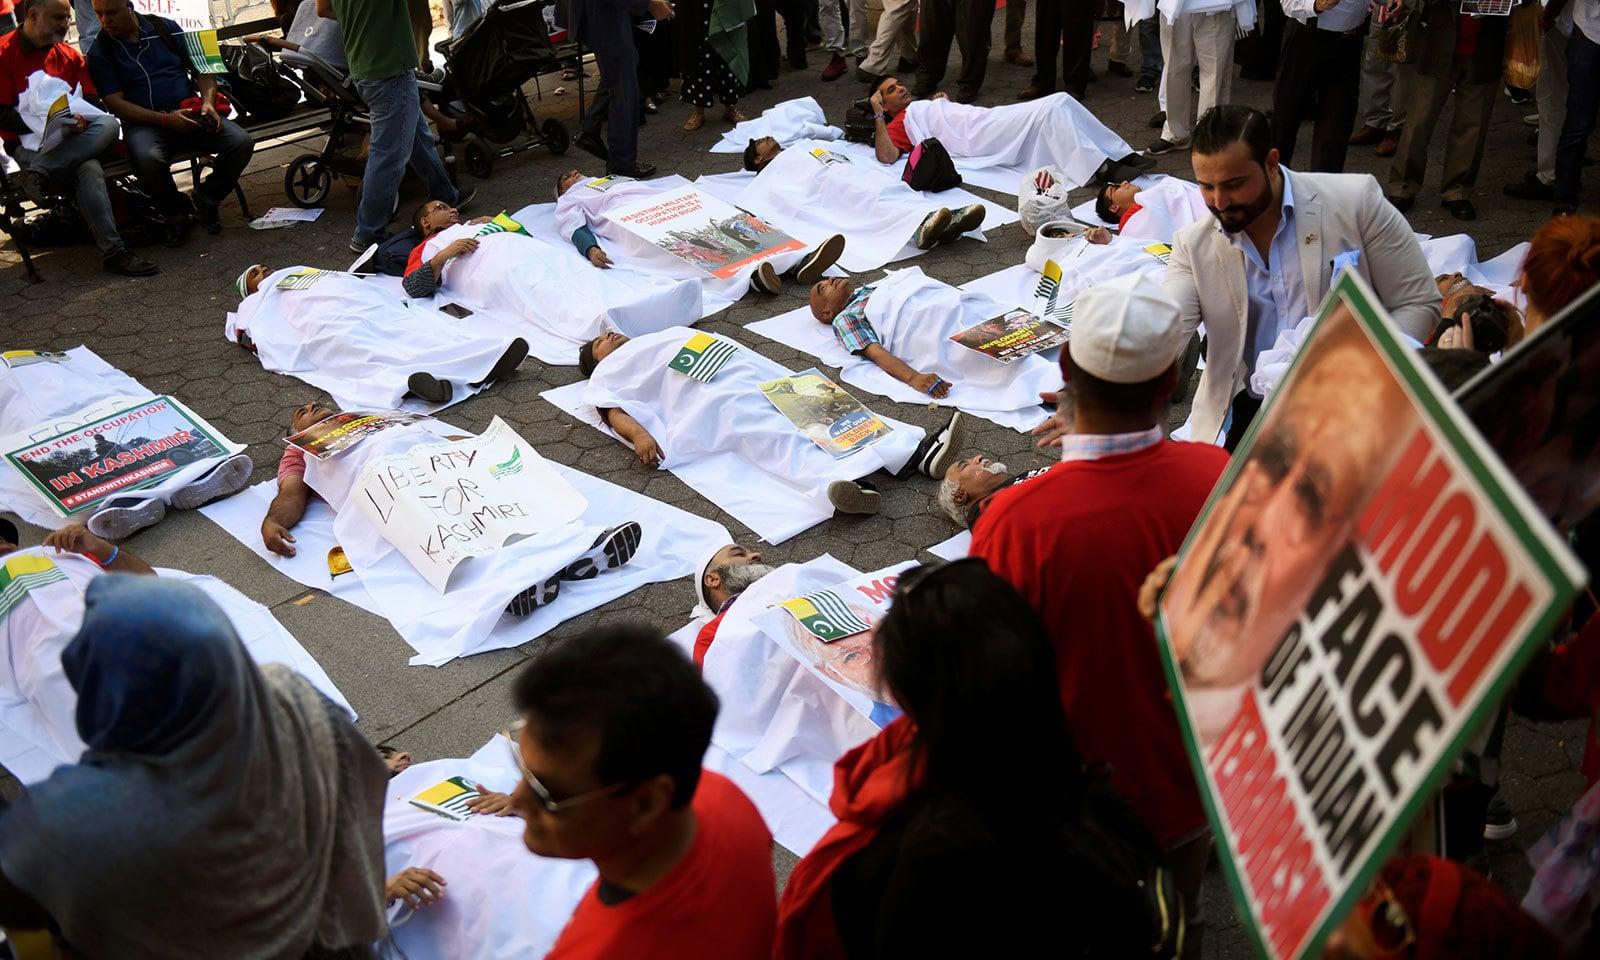 کشمیر میں معصوم افراد کی شہادت کو بھی اقوام متحدہ کے مرکز کے باہر ڈرامائی انداز میں پیش کیا گیا—فوٹو:اے ایف پی